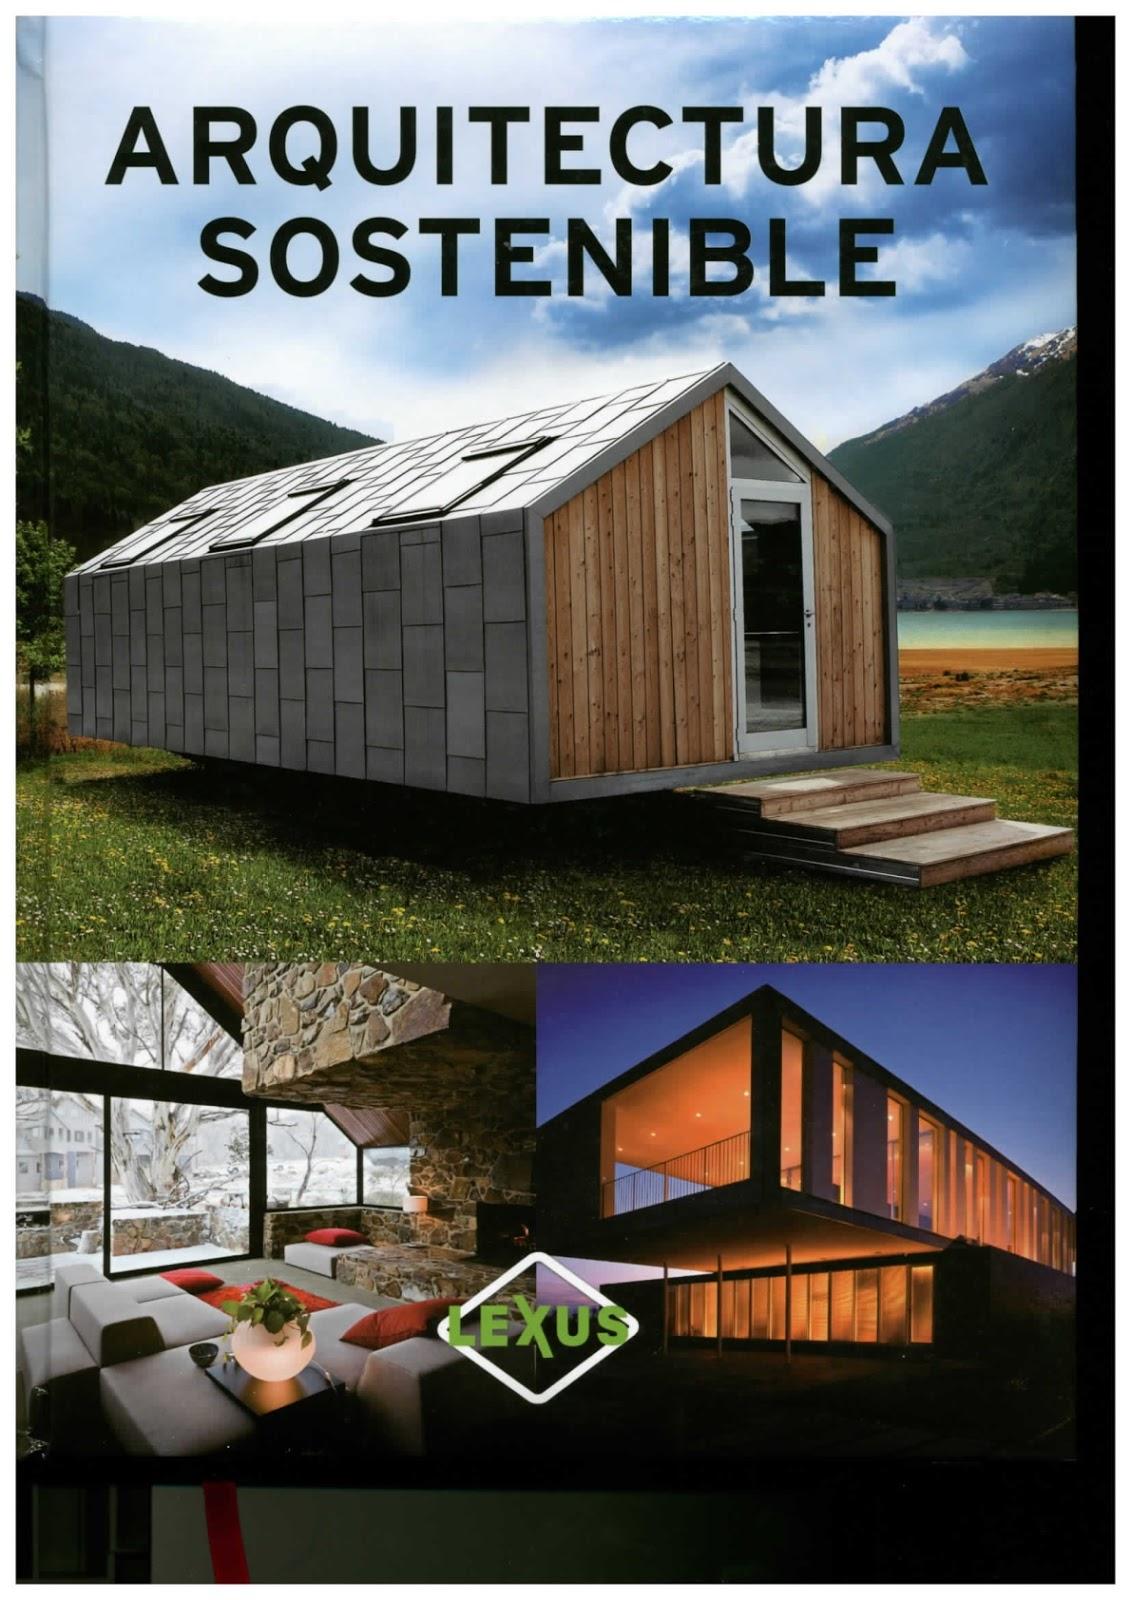 bolet n nuevas adquisiciones biblioteca unphu On arquitectura sostenible